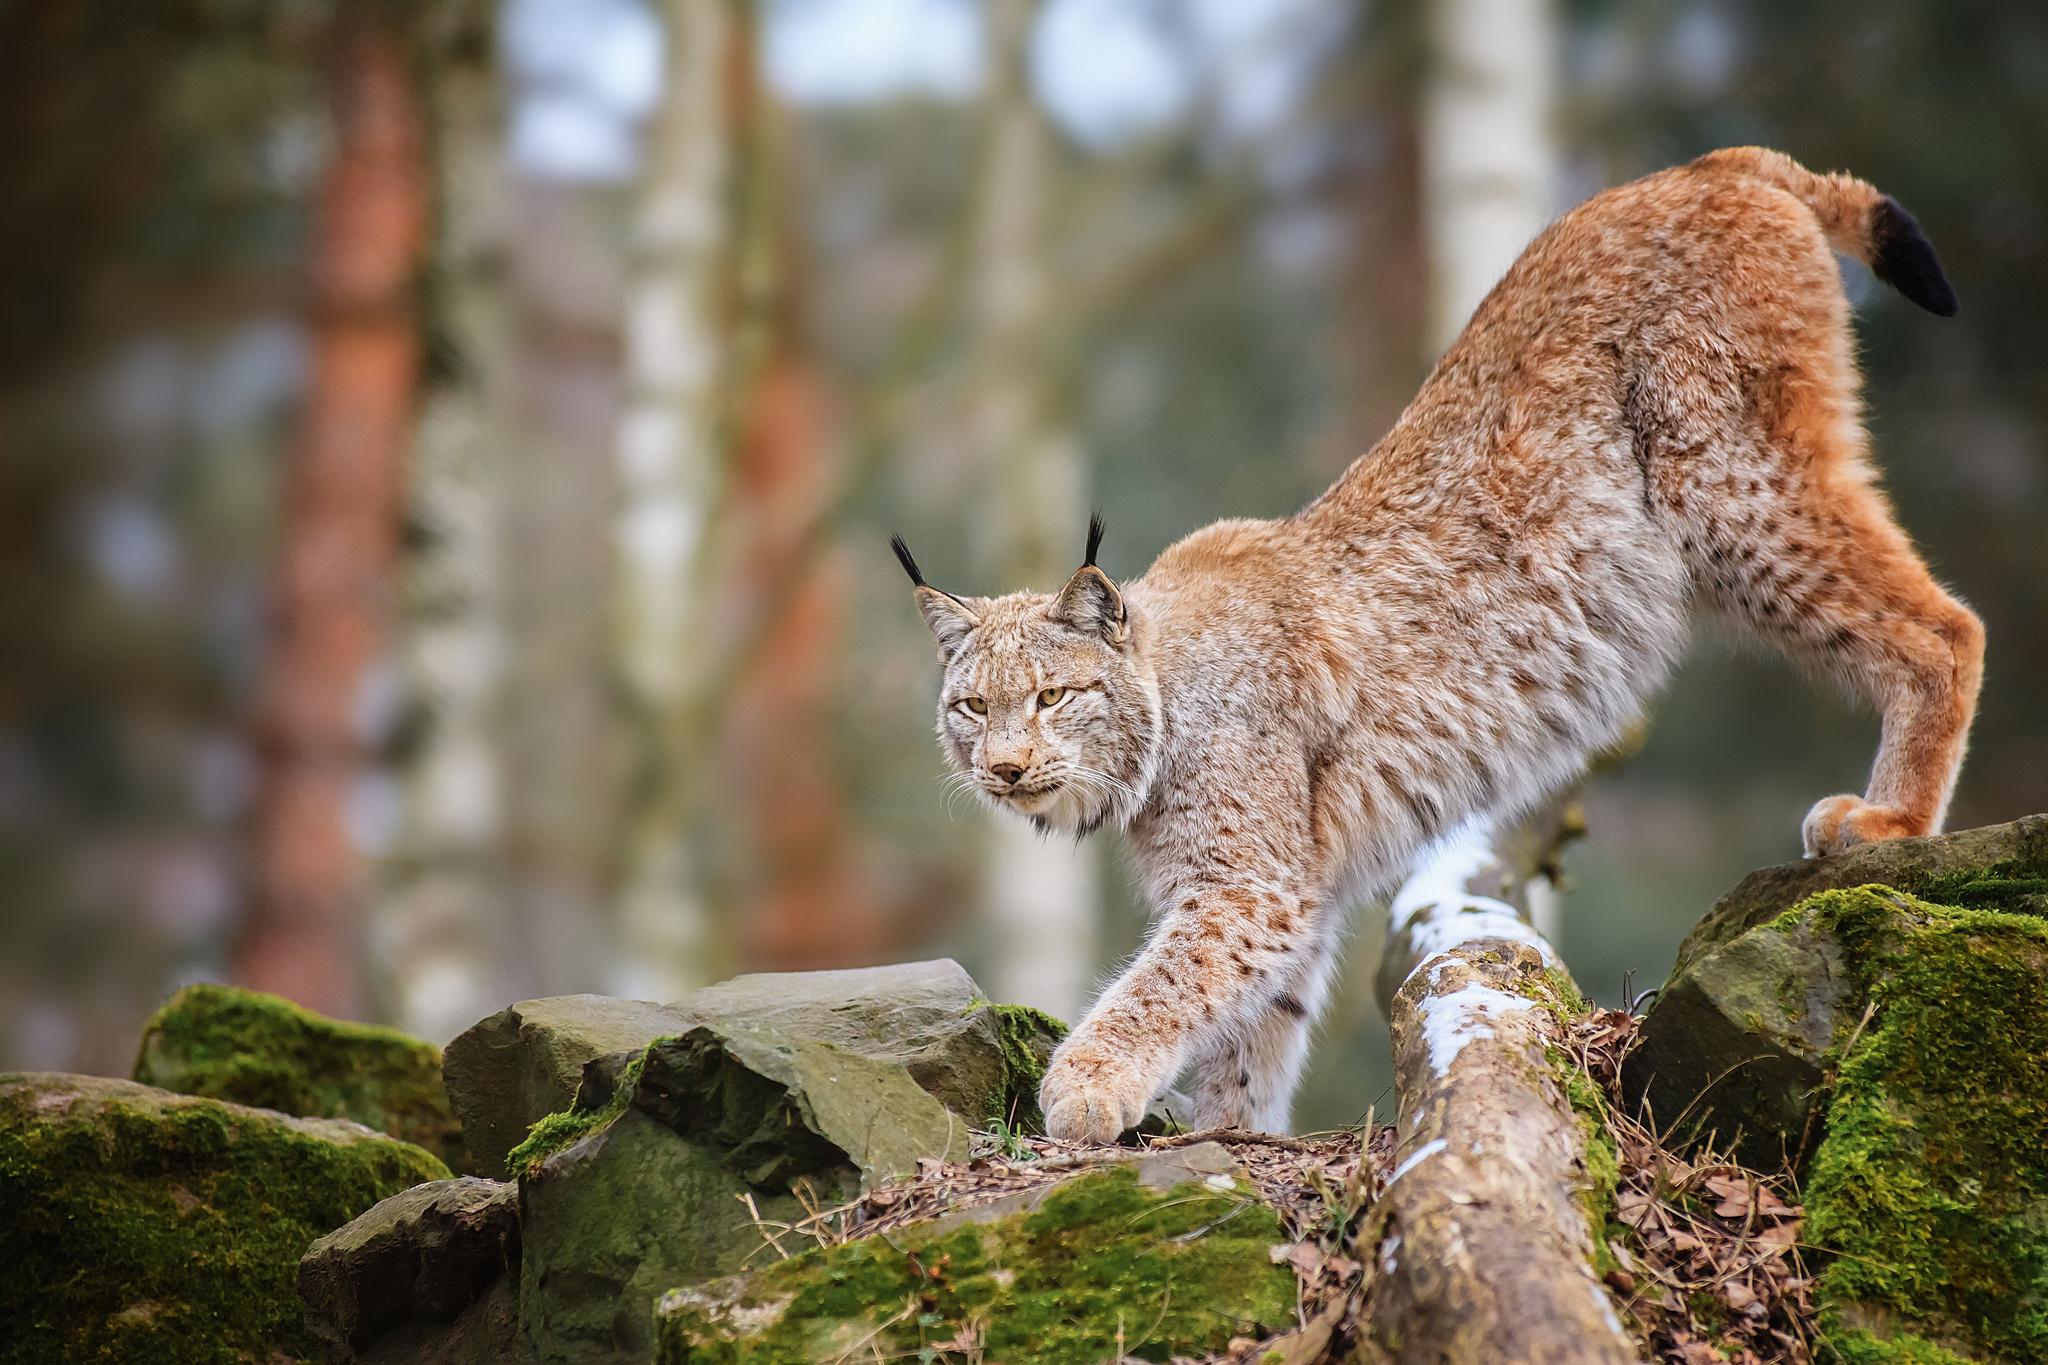 Cat In Fall Wallpaper Lynx Images Hd Hd Desktop Wallpapers 4k Hd